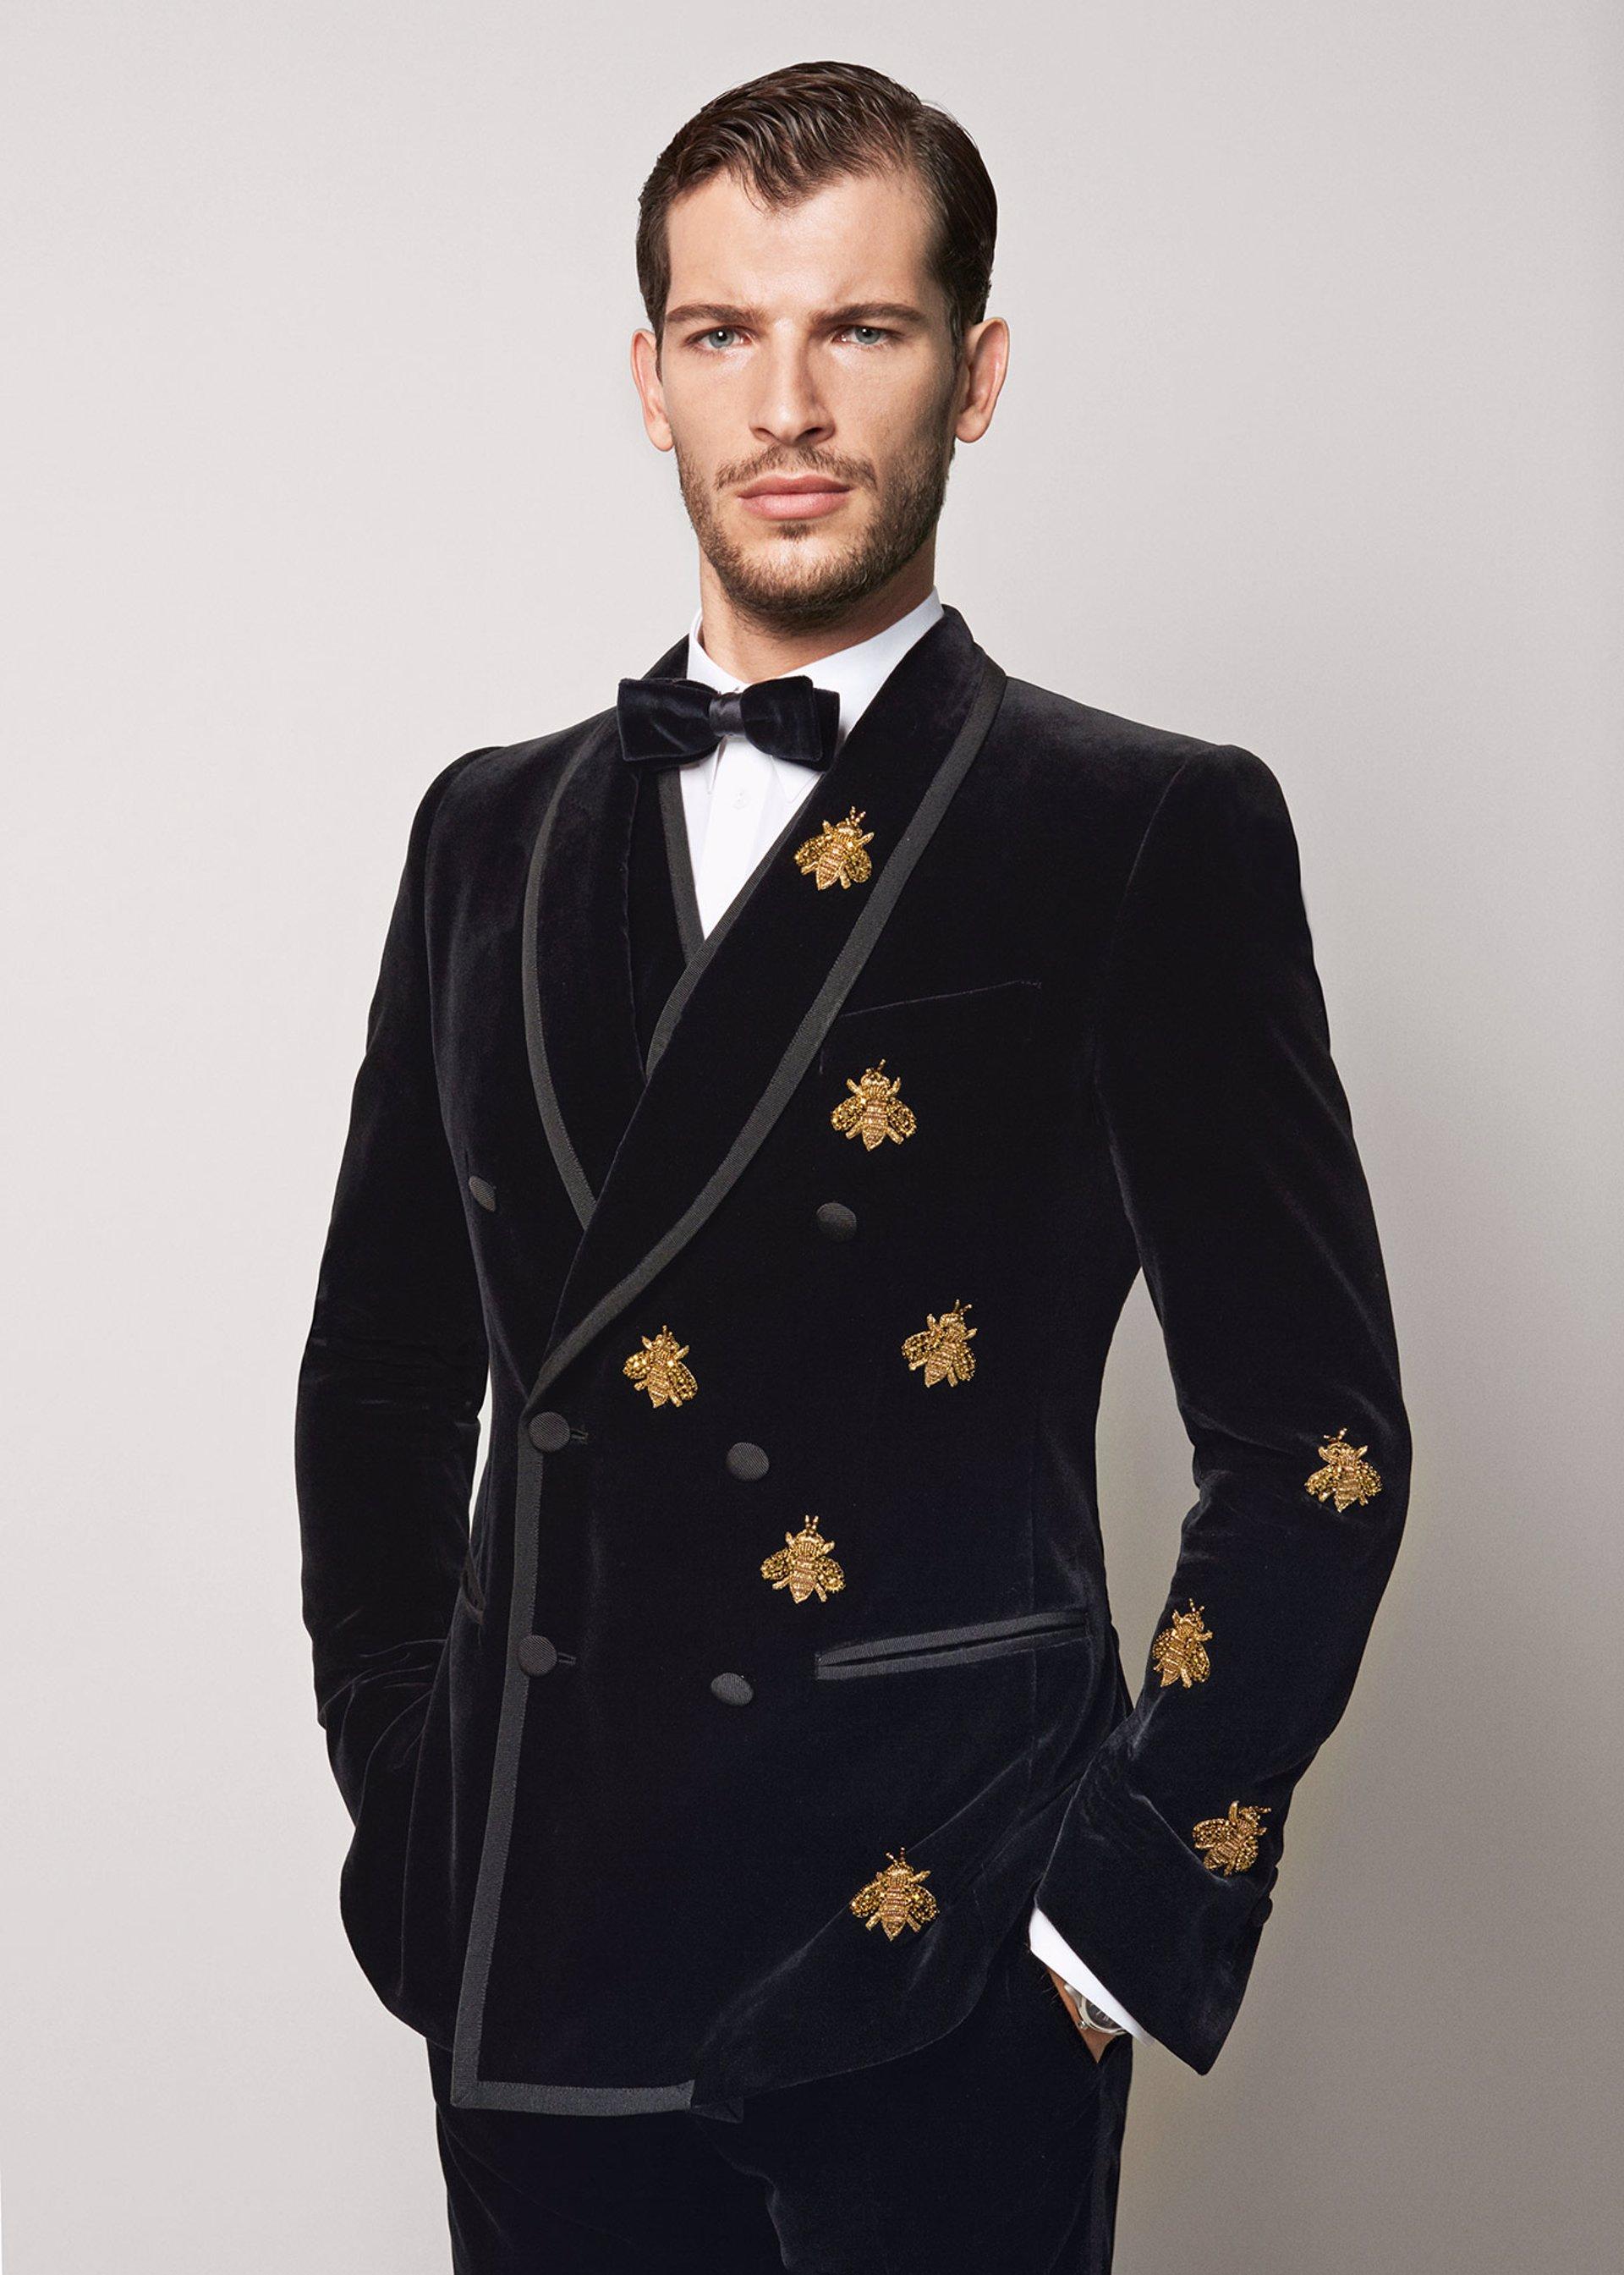 Moda hombre  Ideas de trajes para Nochevieja y Nochebuena fe343f4e184